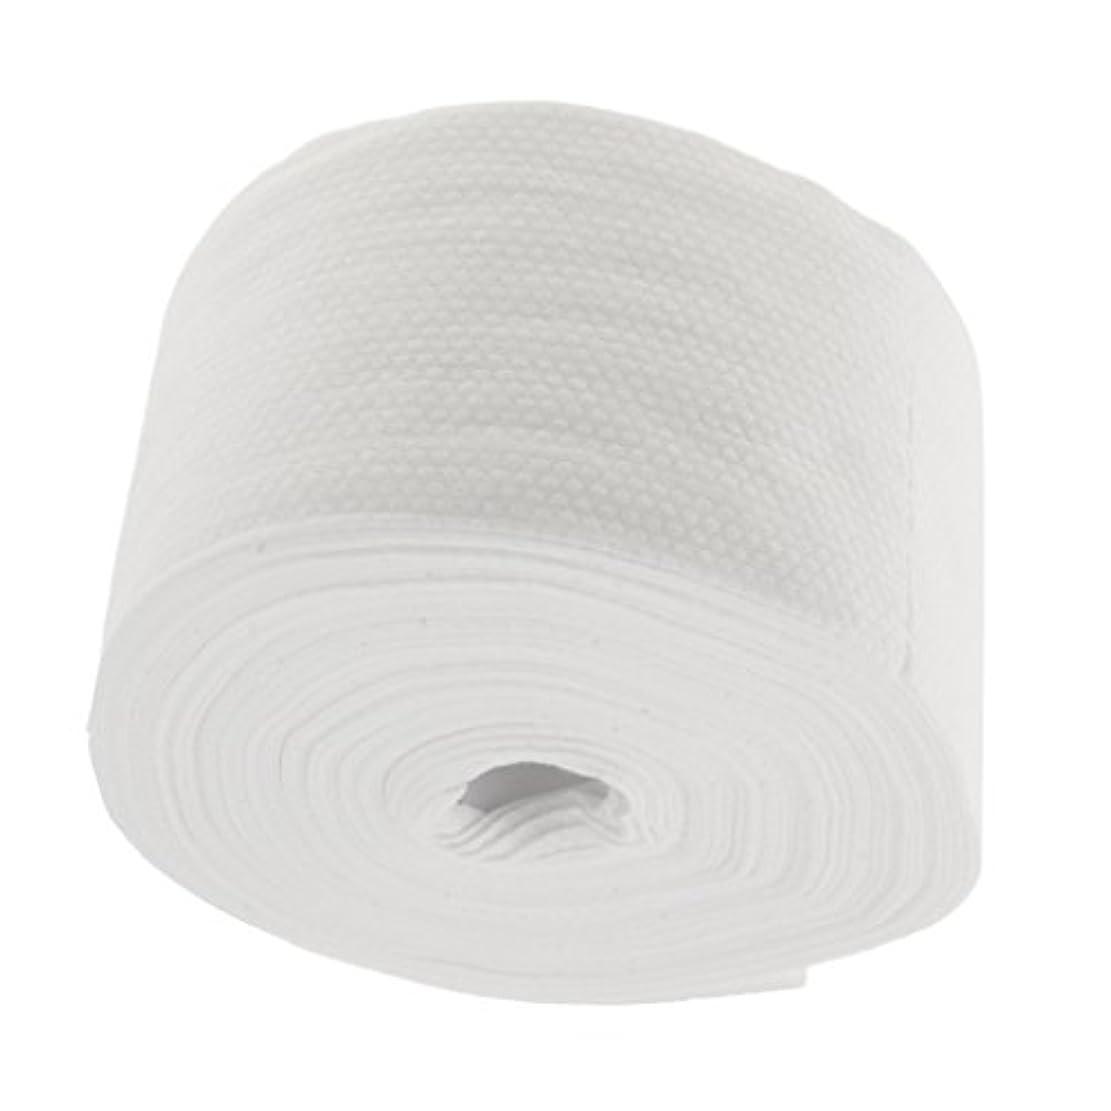 デュアルプーノ高さ使い捨てタオル ロール式 洗顔タオル 30M コットン メイクリムーバー 2タイプ選べる - #2